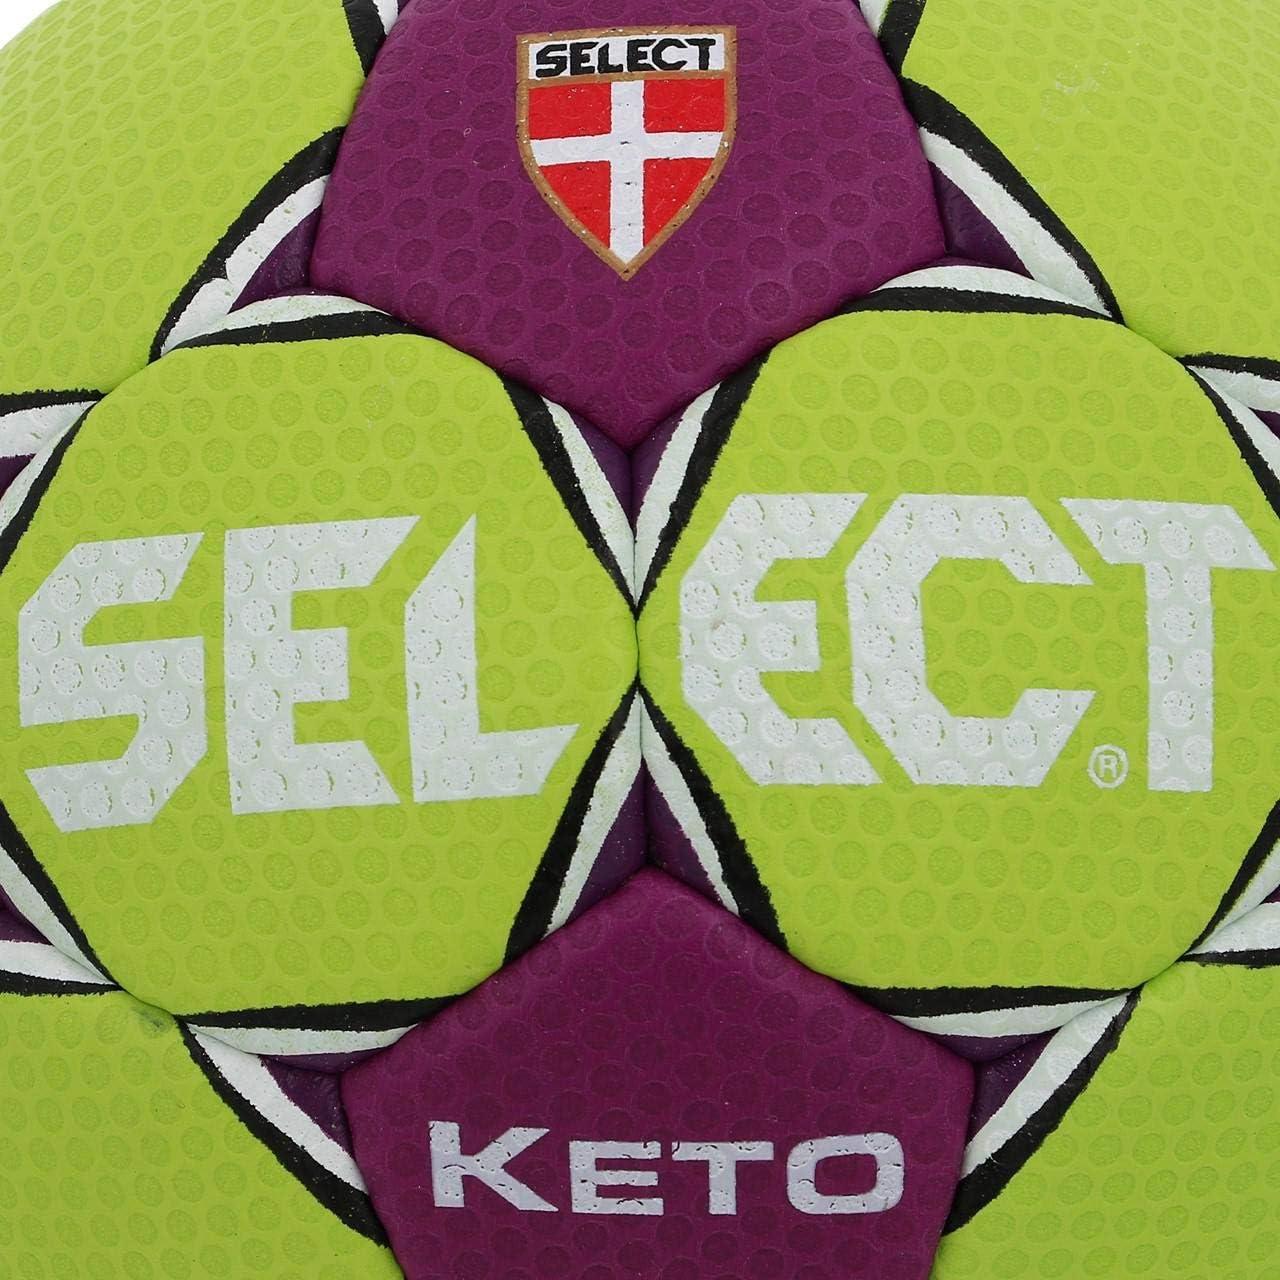 /Bal/ón de balonmano Select Keto/